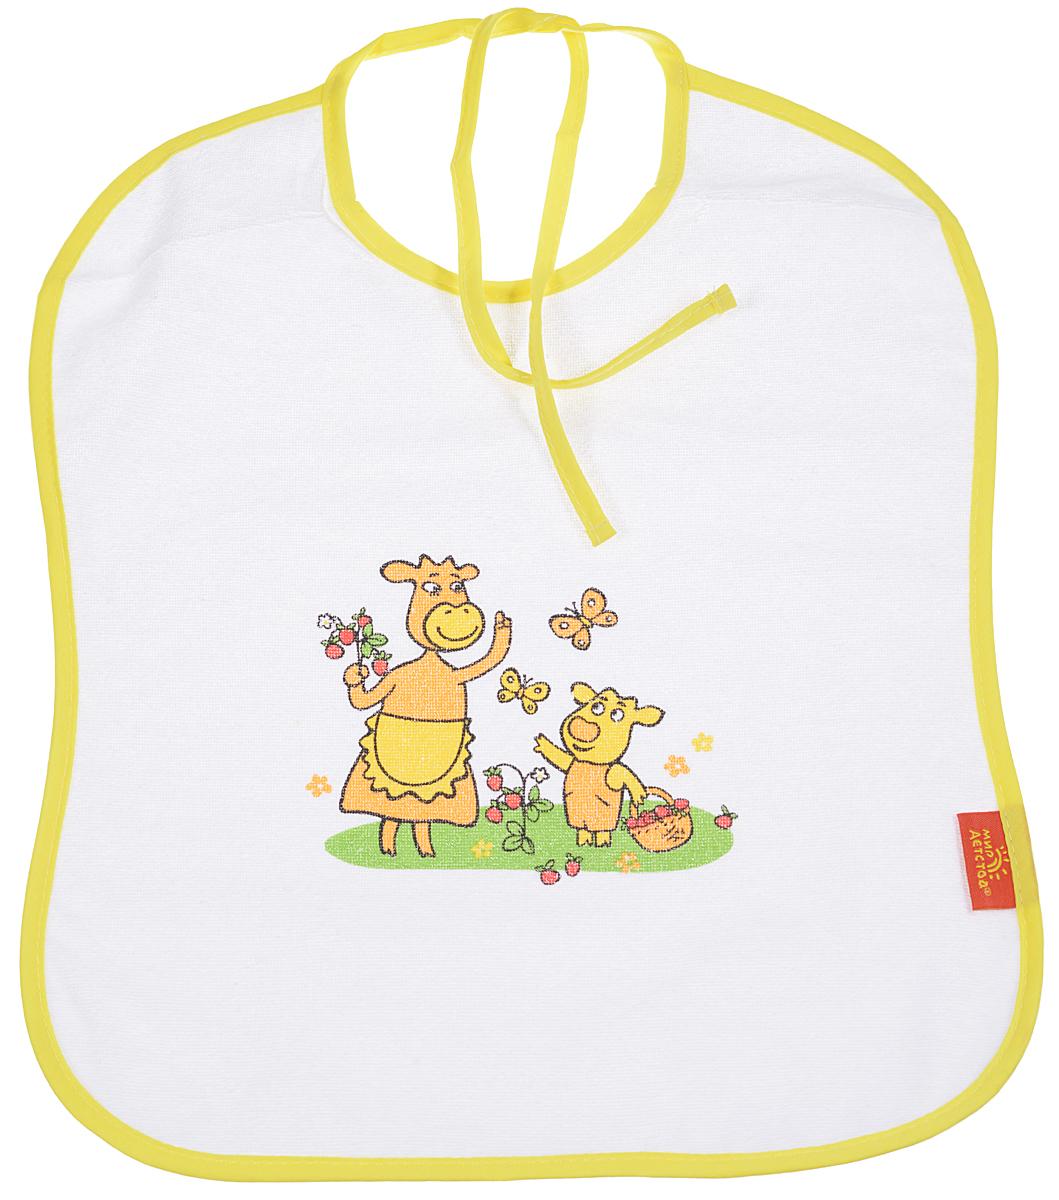 Мир детства Слюнявчик Коровкины истории цвет желтый15032_желтыйСлюнявчик Мир детства  - незаменимый атрибут в уходе за вашим малышом. Нагрудник предназначен для малыша от 6 месяцев до 3 лет. Слюнявчик оформлен забавным изображением. Лицевая сторона изготовлена из мягкой ткани, подкладка - из непромокаемого материала, благодаря которому одежда вашего малыша будет оставаться сухой и чистой. С помощью завязок слюнявчик фиксируется на шее ребенка. Уход: стирка в теплой воде с мылом, мыльным порошком или специальной эмульсией для стирки детских вещей.